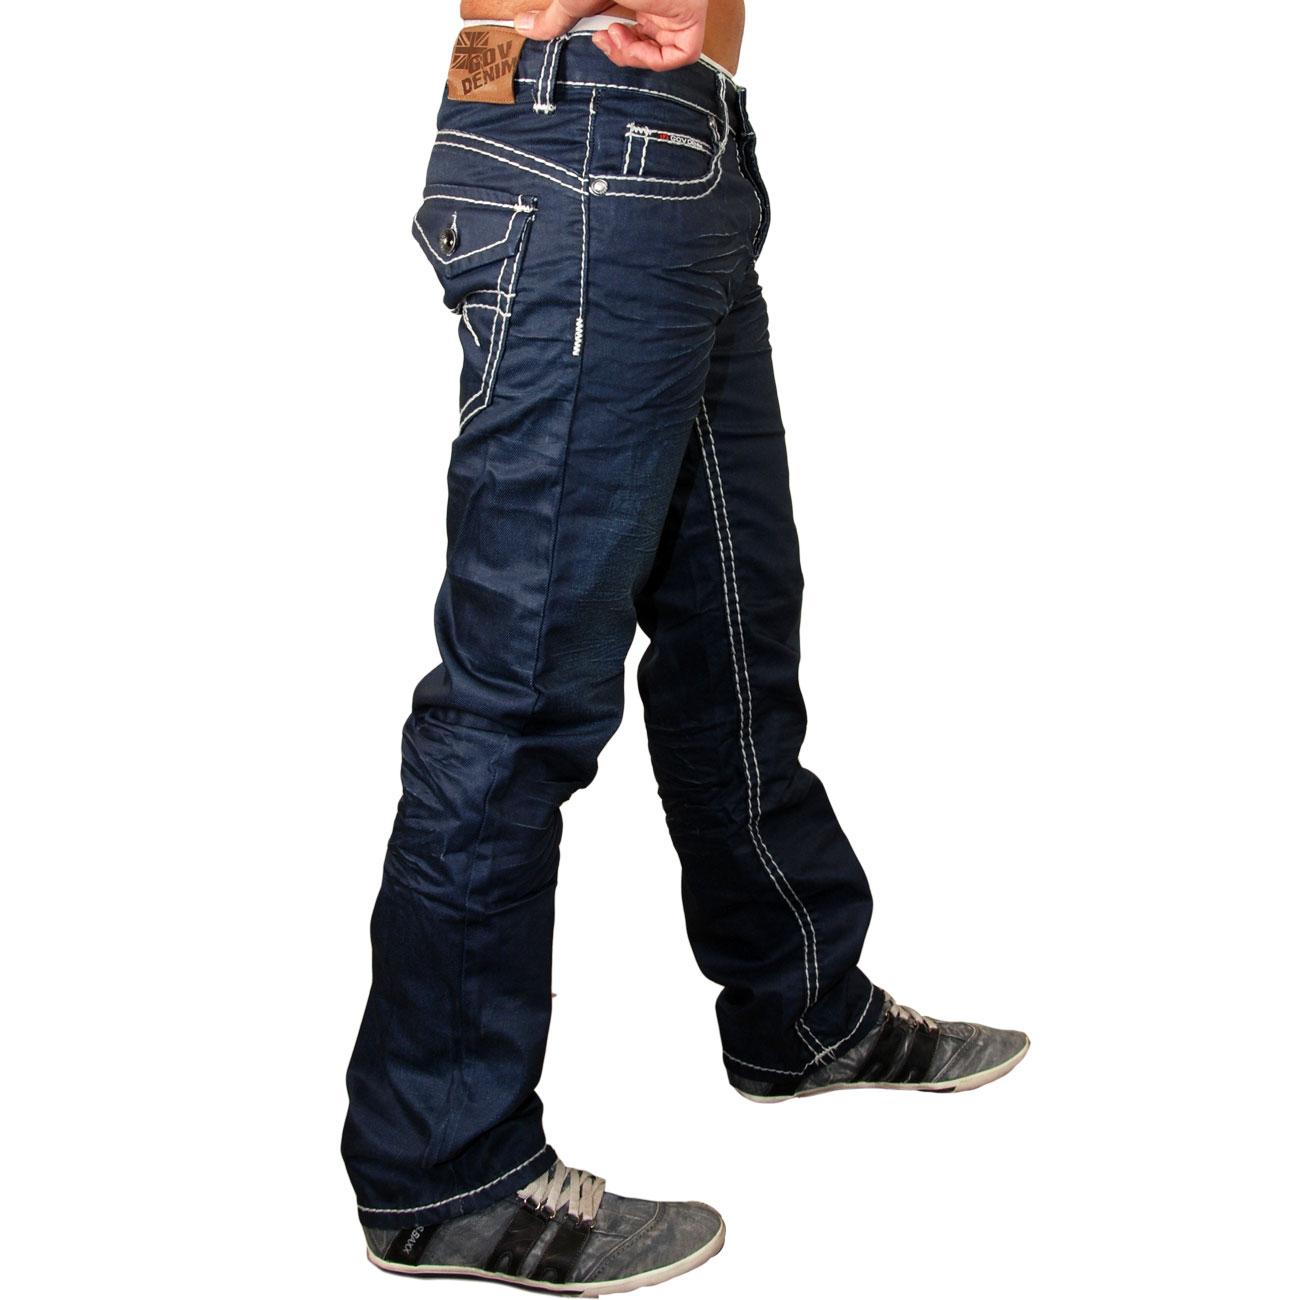 reslad z 3392 herren used look dicke naht jeans hose. Black Bedroom Furniture Sets. Home Design Ideas